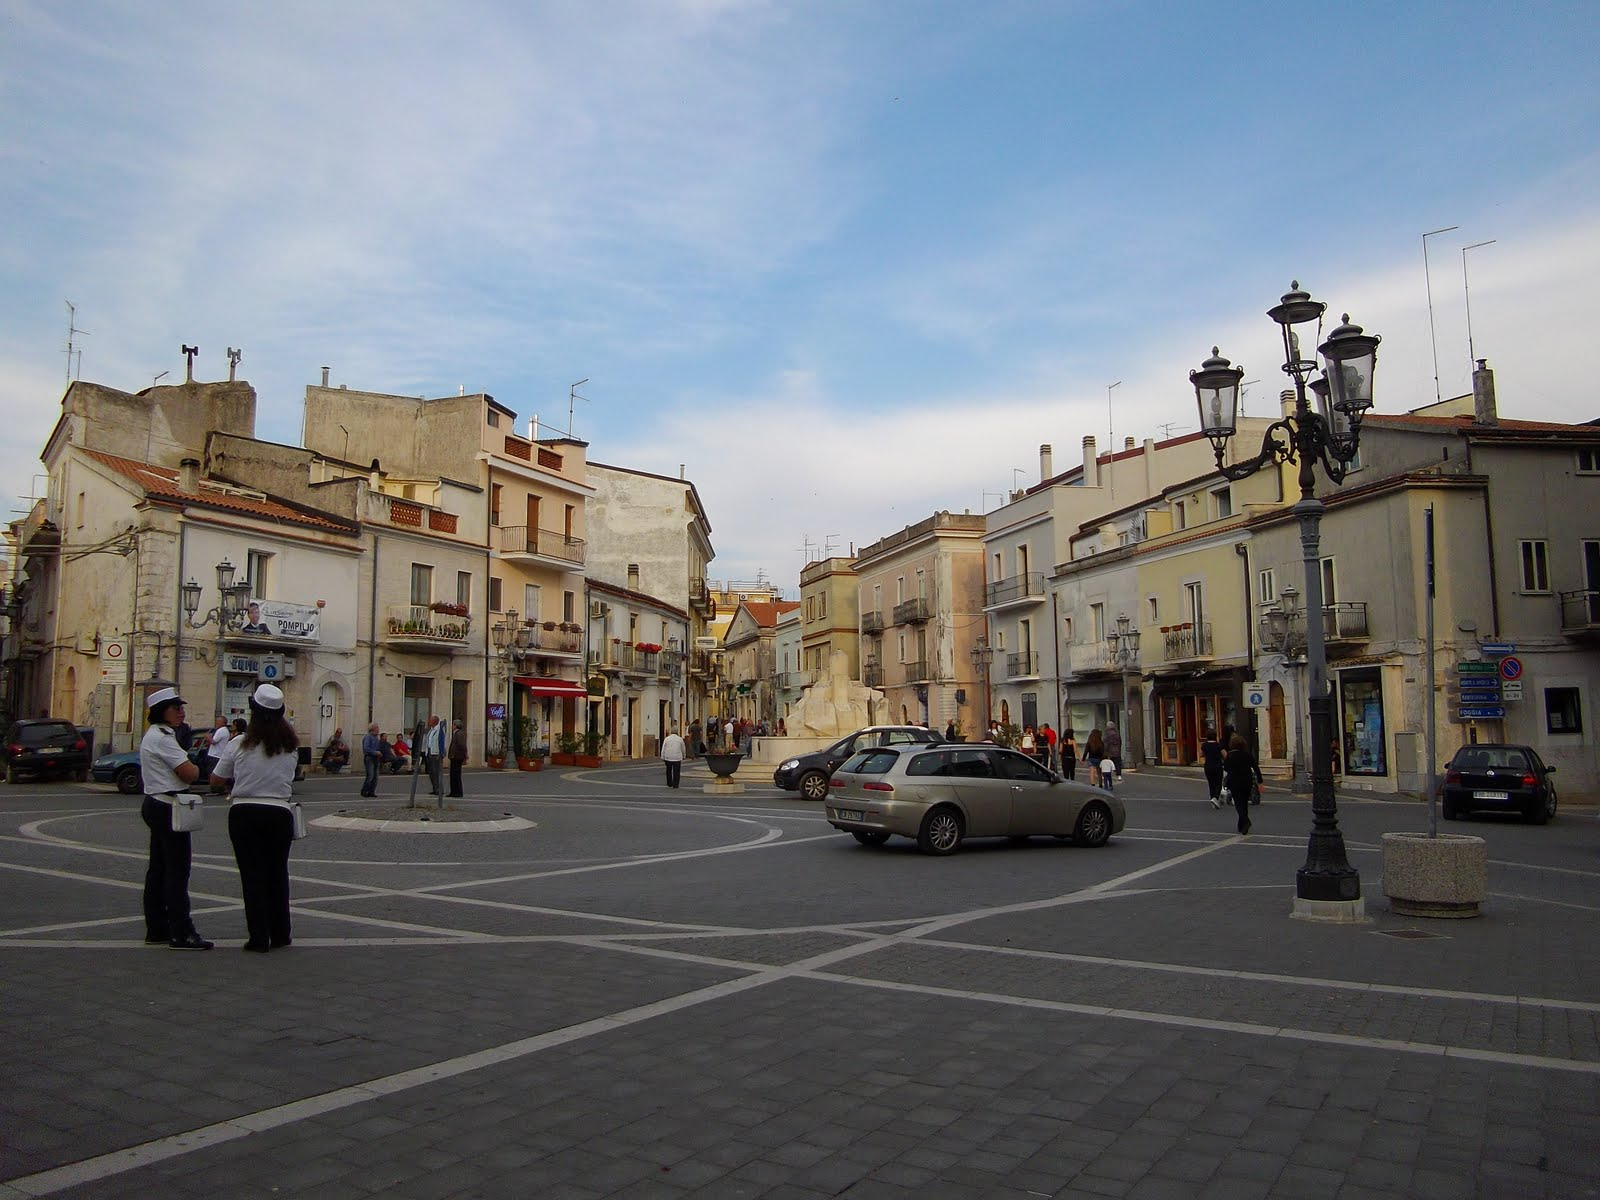 Skank in San Giovanni Rotondo, Apulia